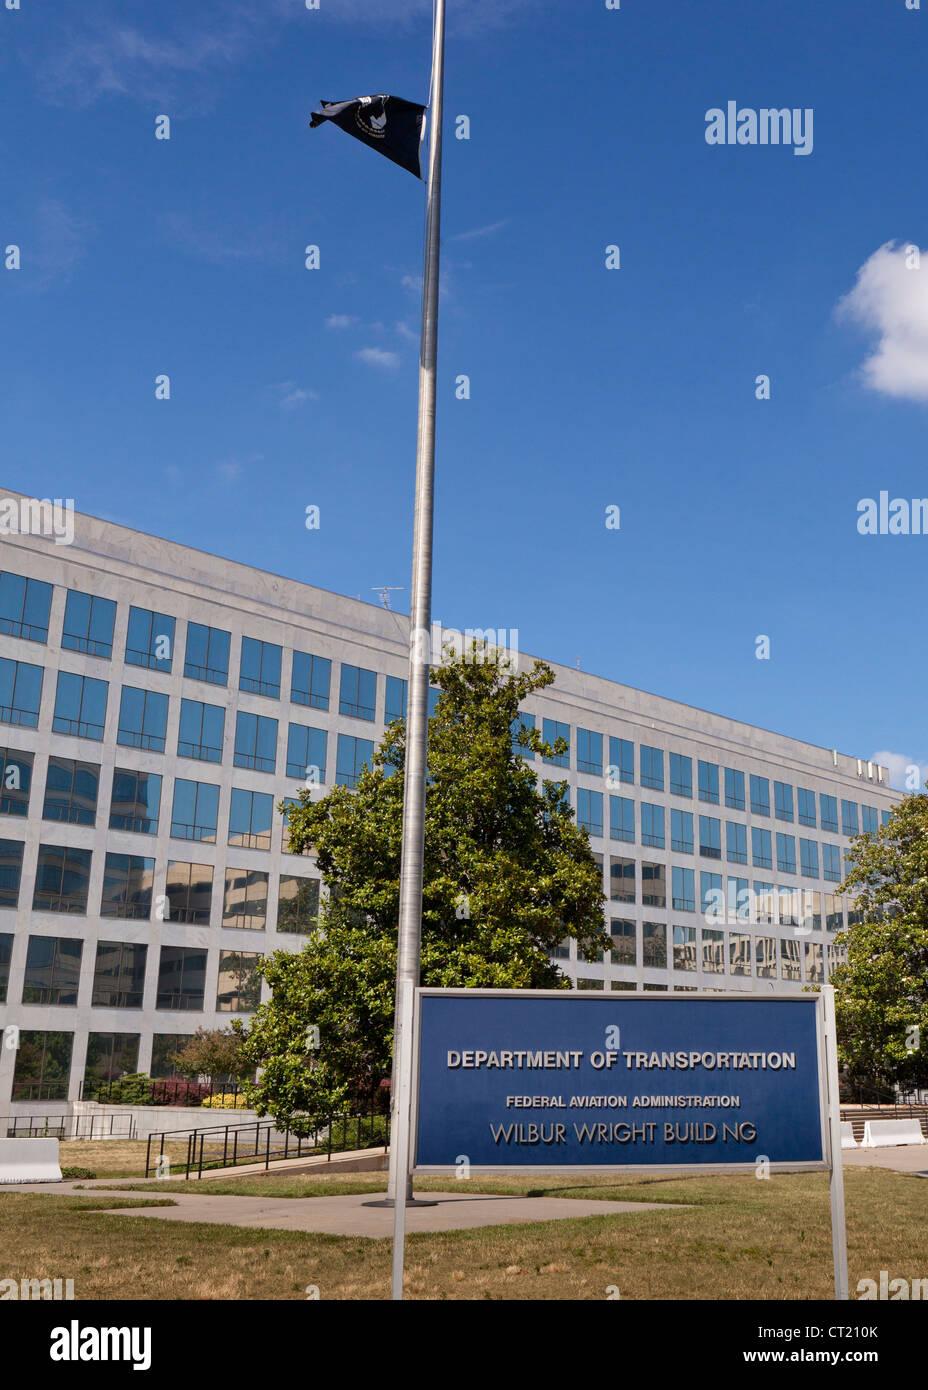 La sede del Departamento de Transporte de los Estados Unidos Imagen De Stock